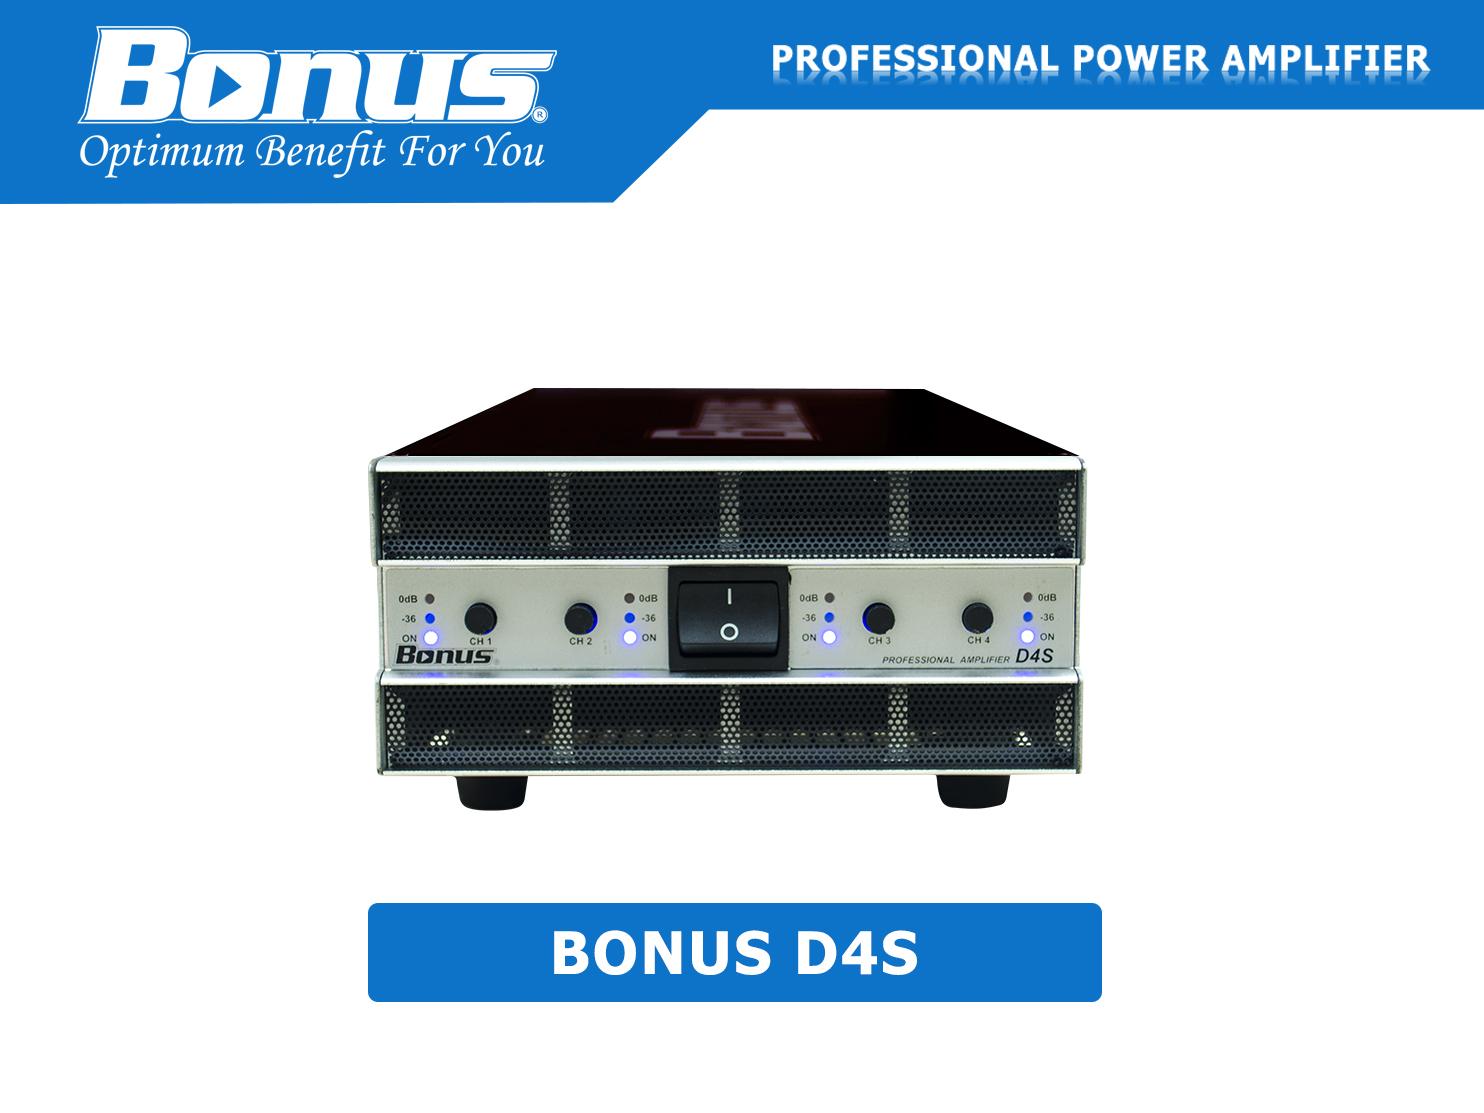 Cục đẩy công suất Bonus D4S